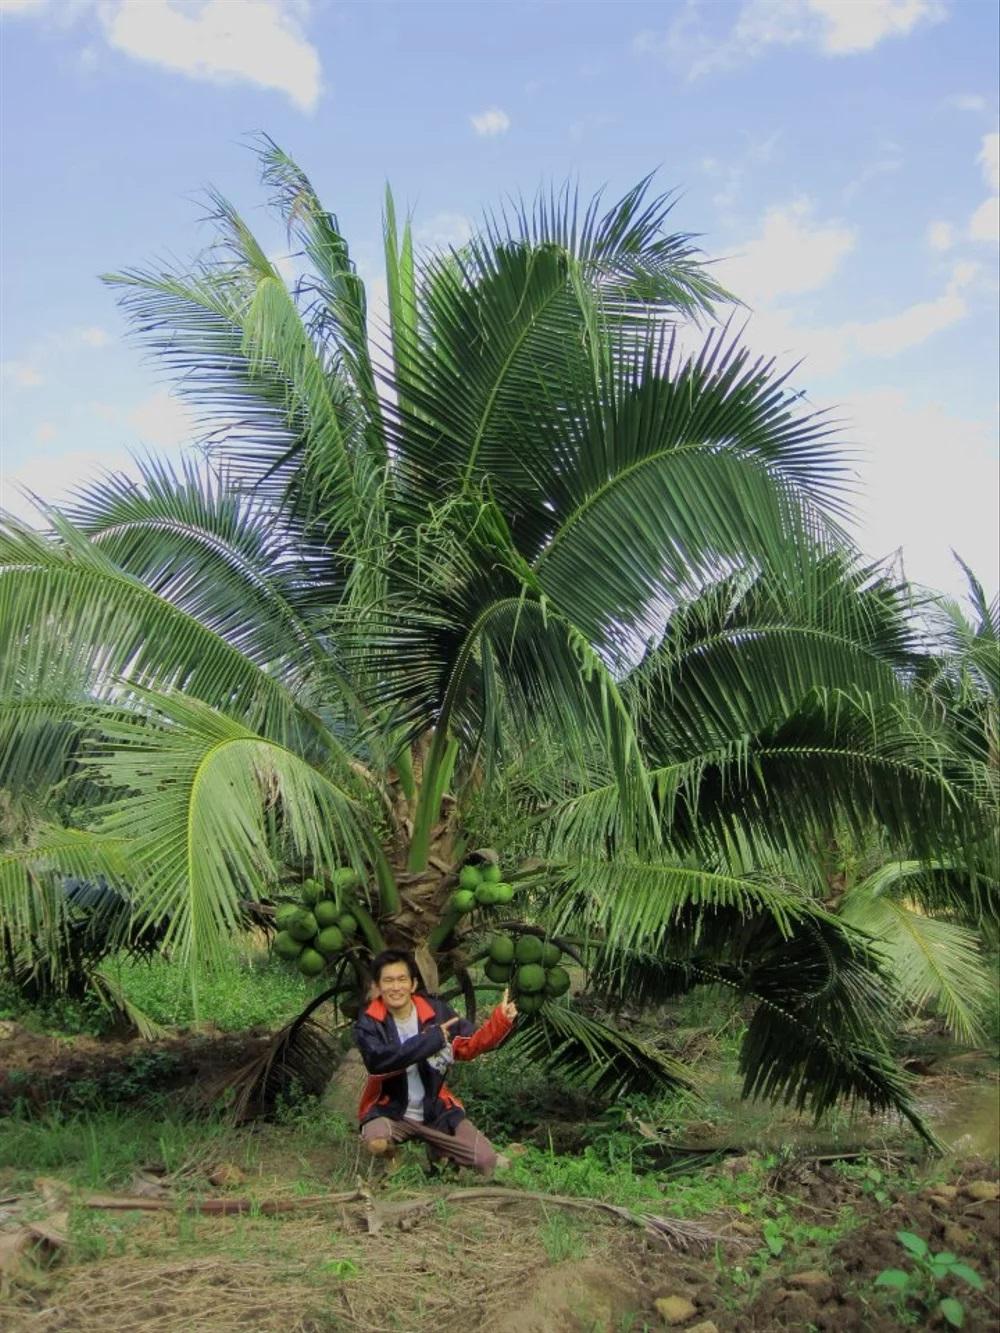 Pohon Kelapa Pandan Wangi yang Sedang Berbuah